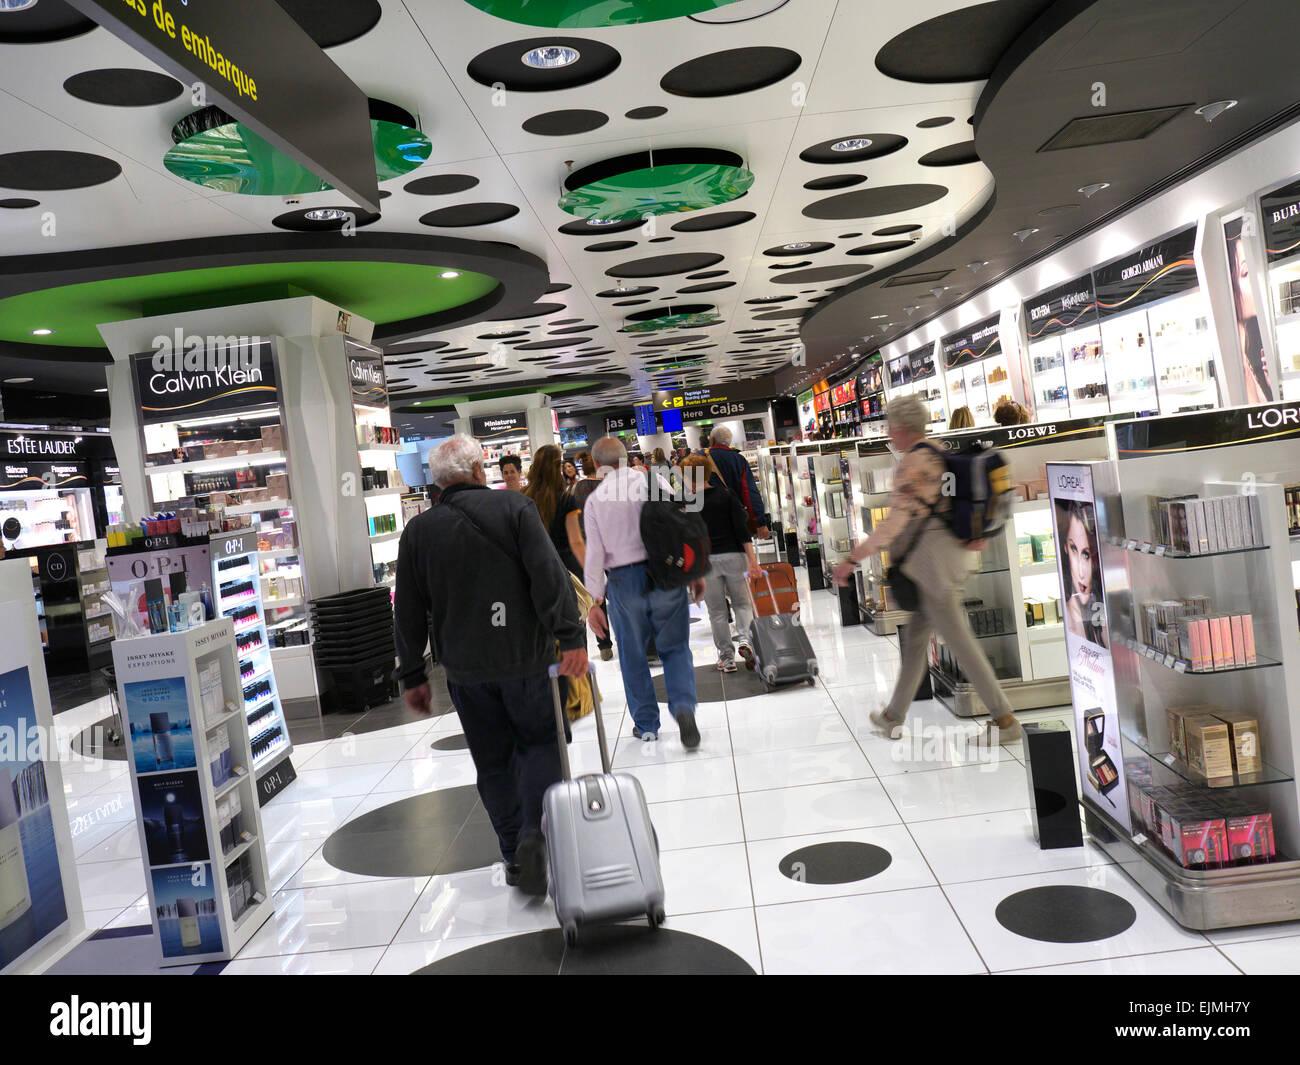 Flughafen Passagiere durch Duty-Free-Läden auf dem Weg zur Airline Flugsteige geleitet Stockbild